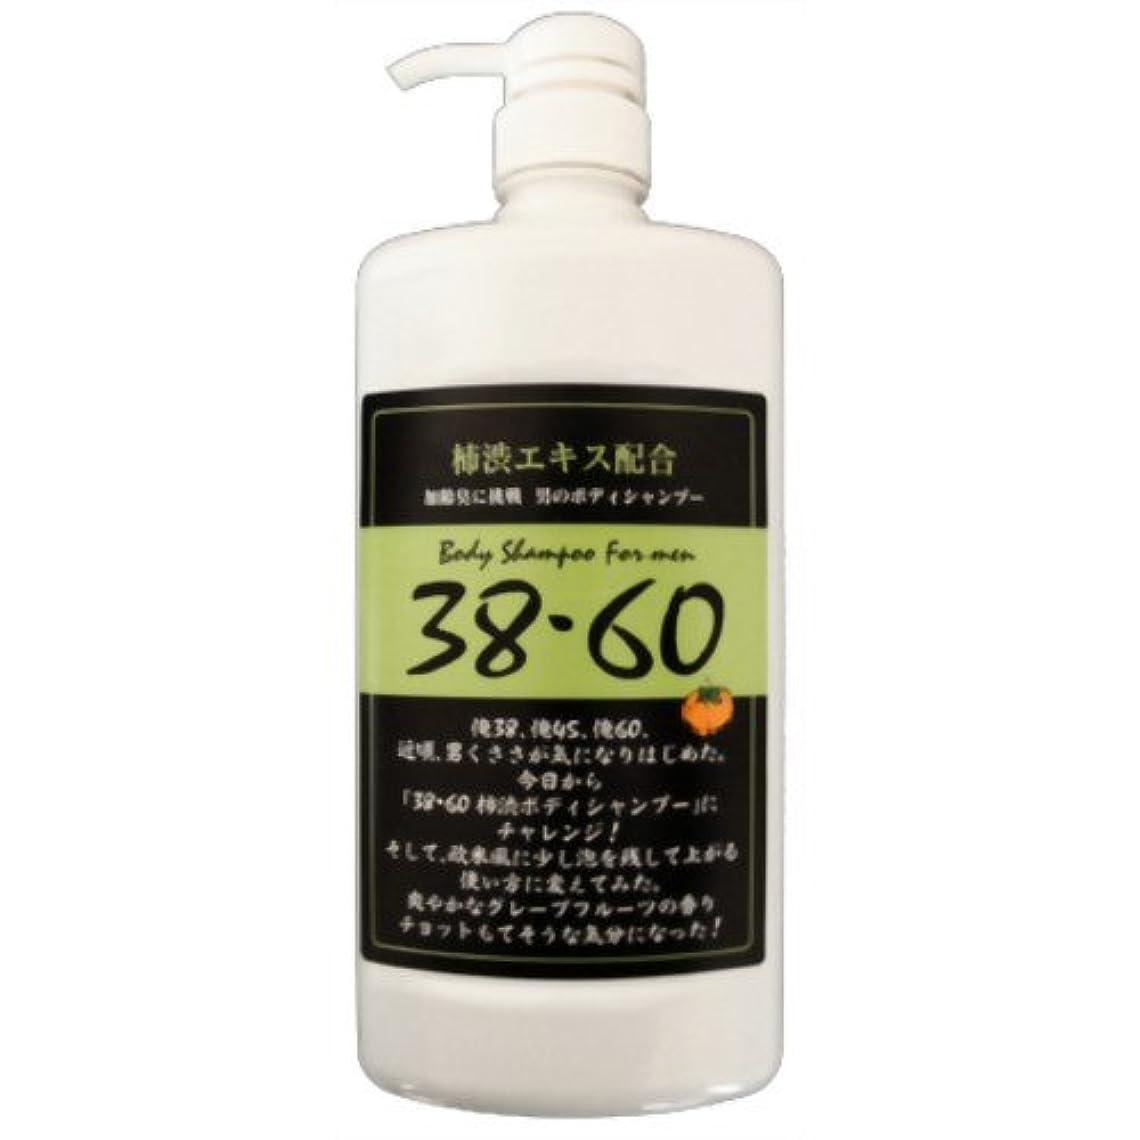 つかむベリー体38?60柿渋ボディシャンプー詰替1500ml